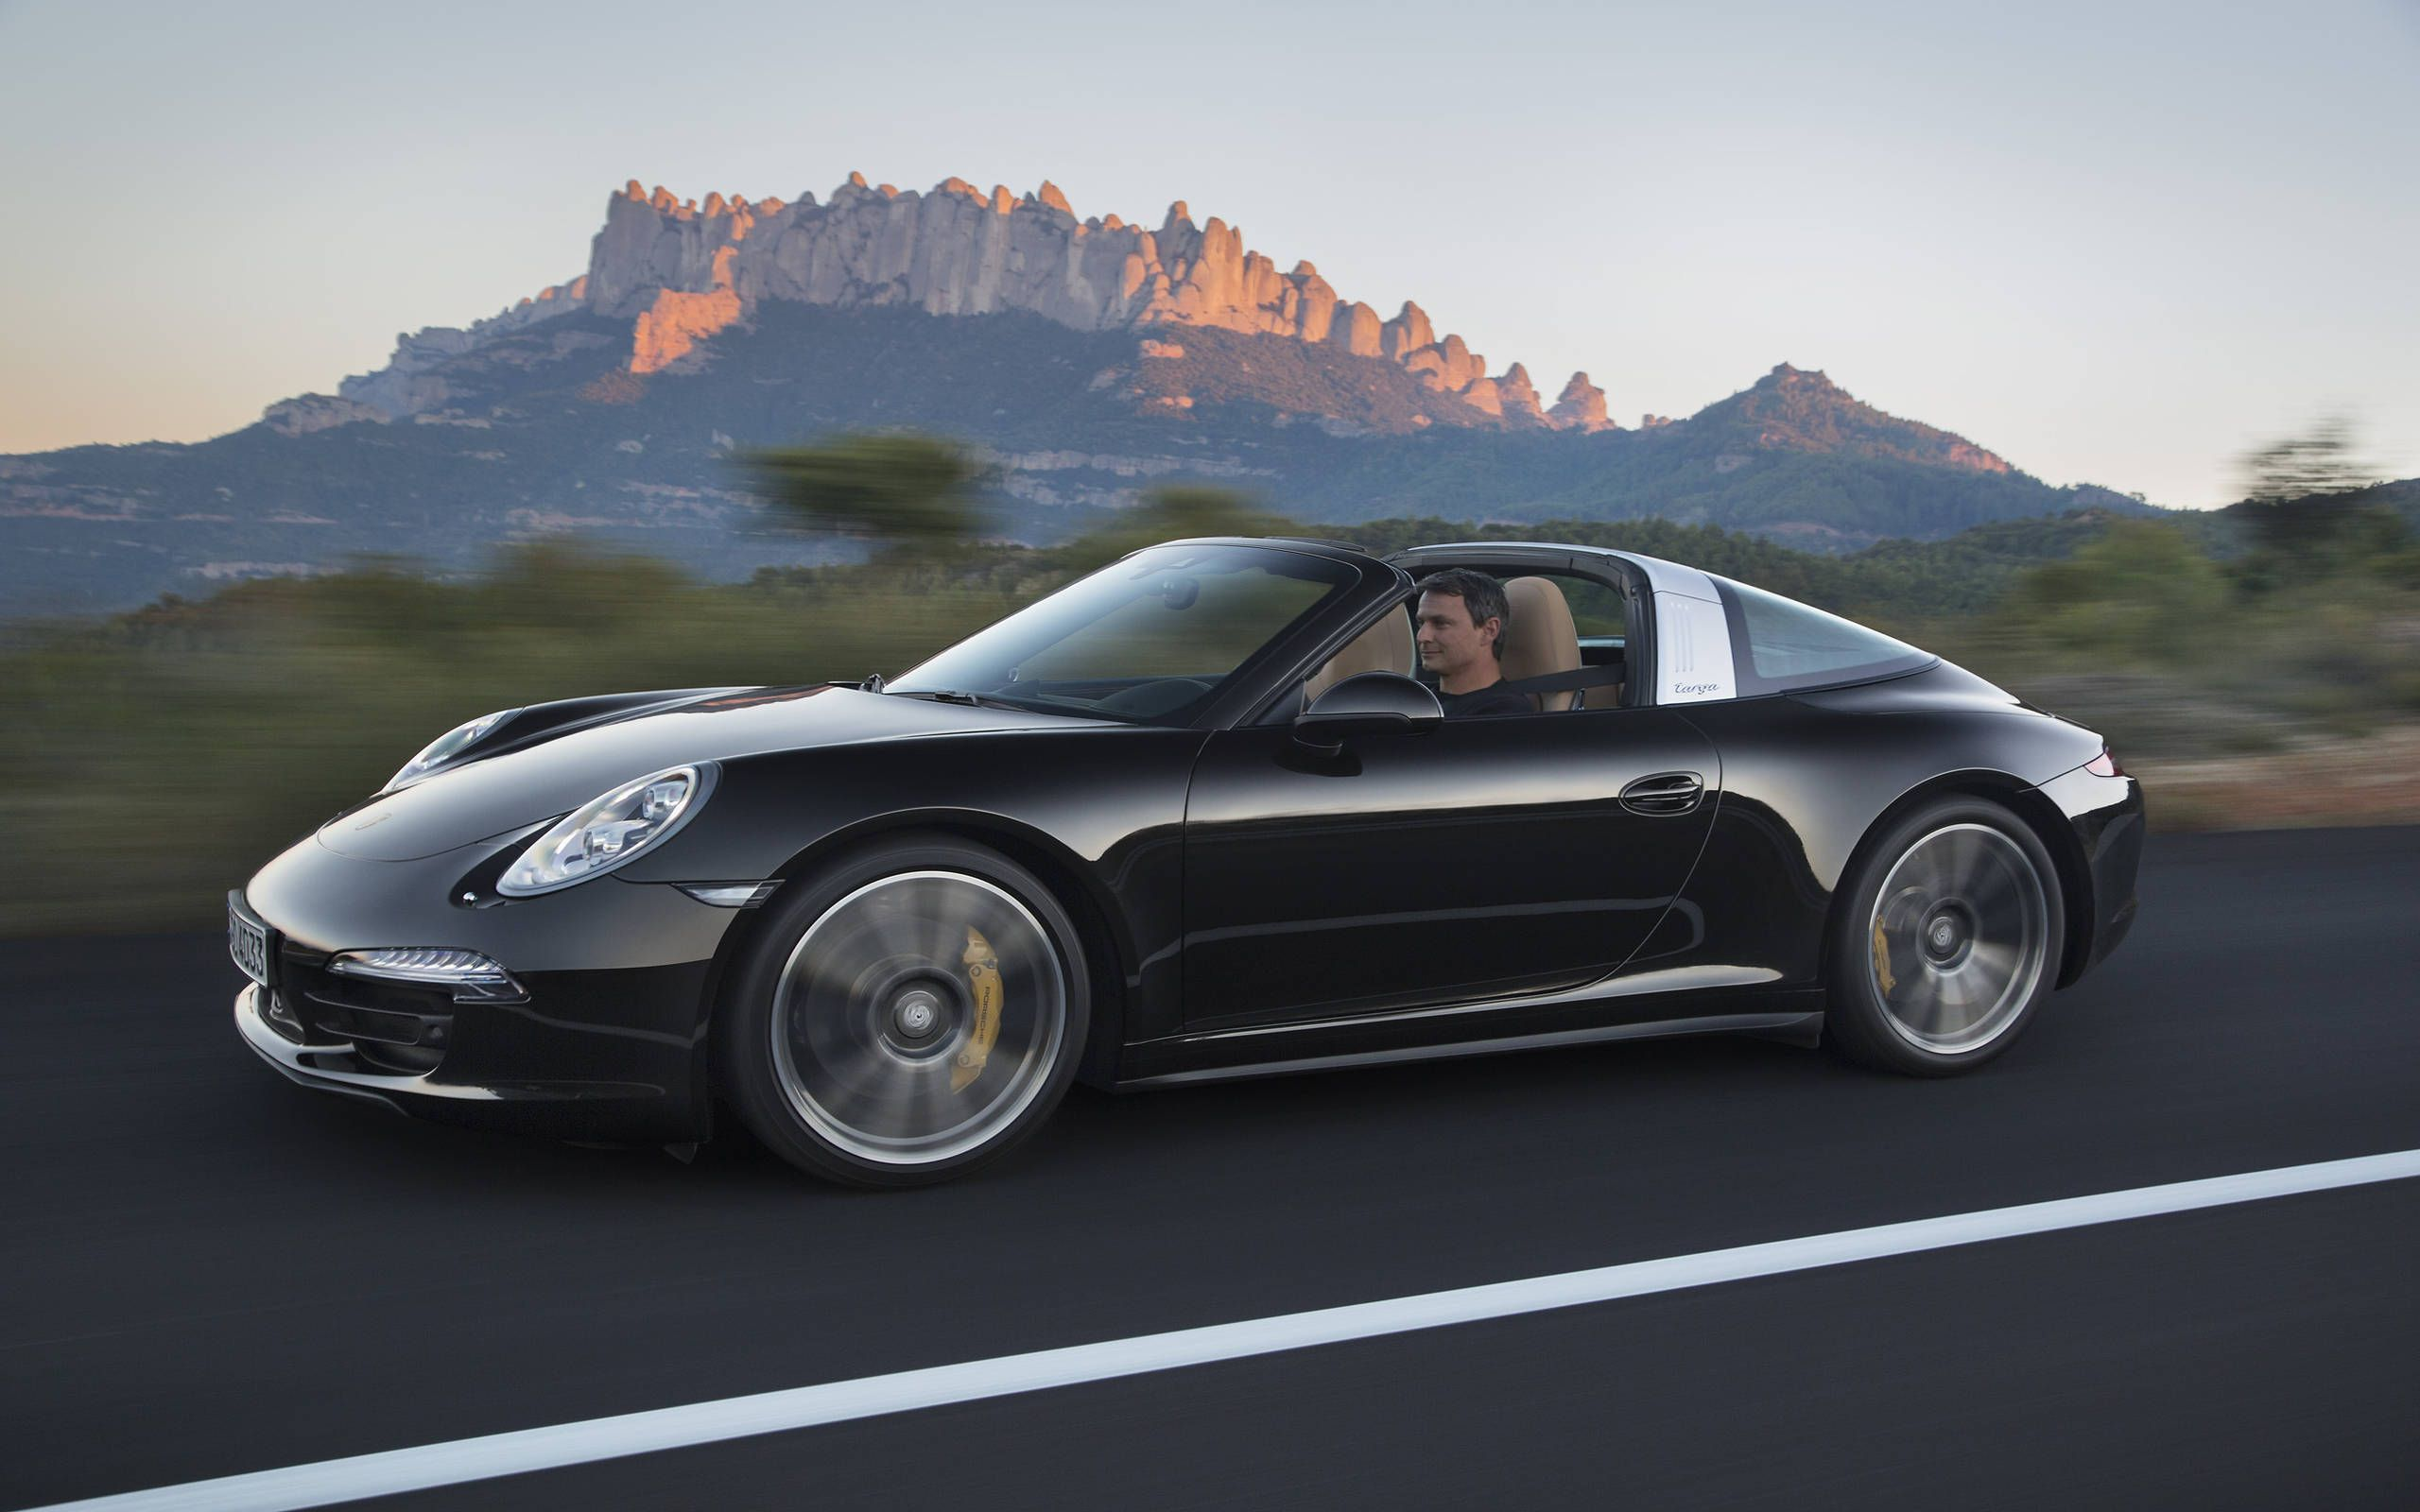 2014 Porsche 911 Targa 4s Review Notes